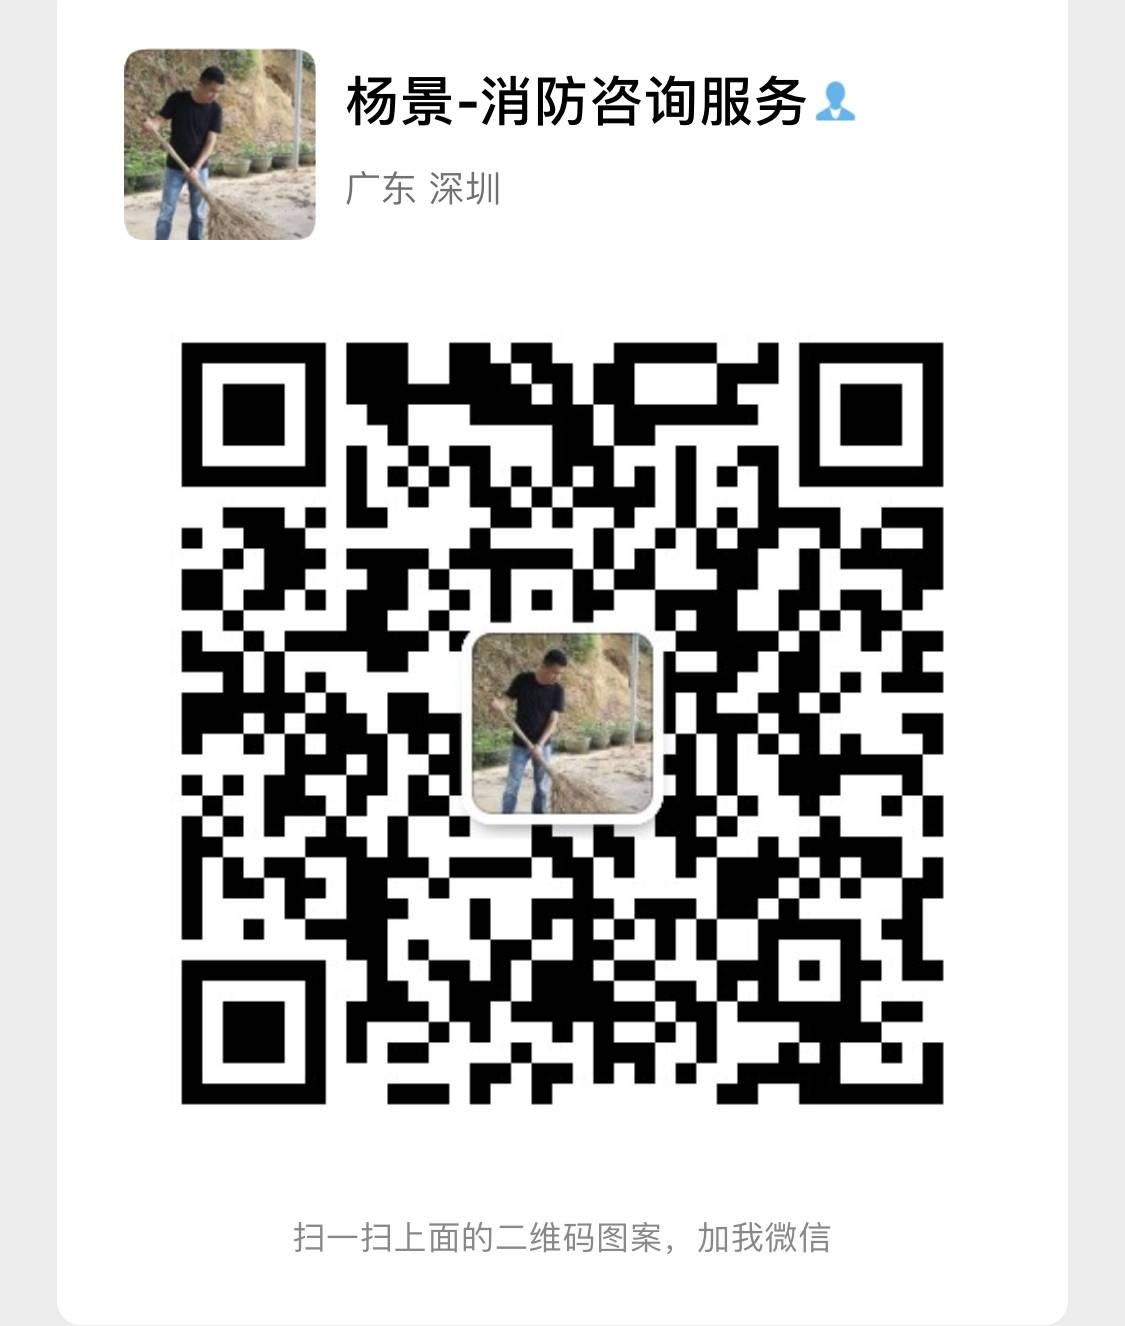 深圳消防驗收